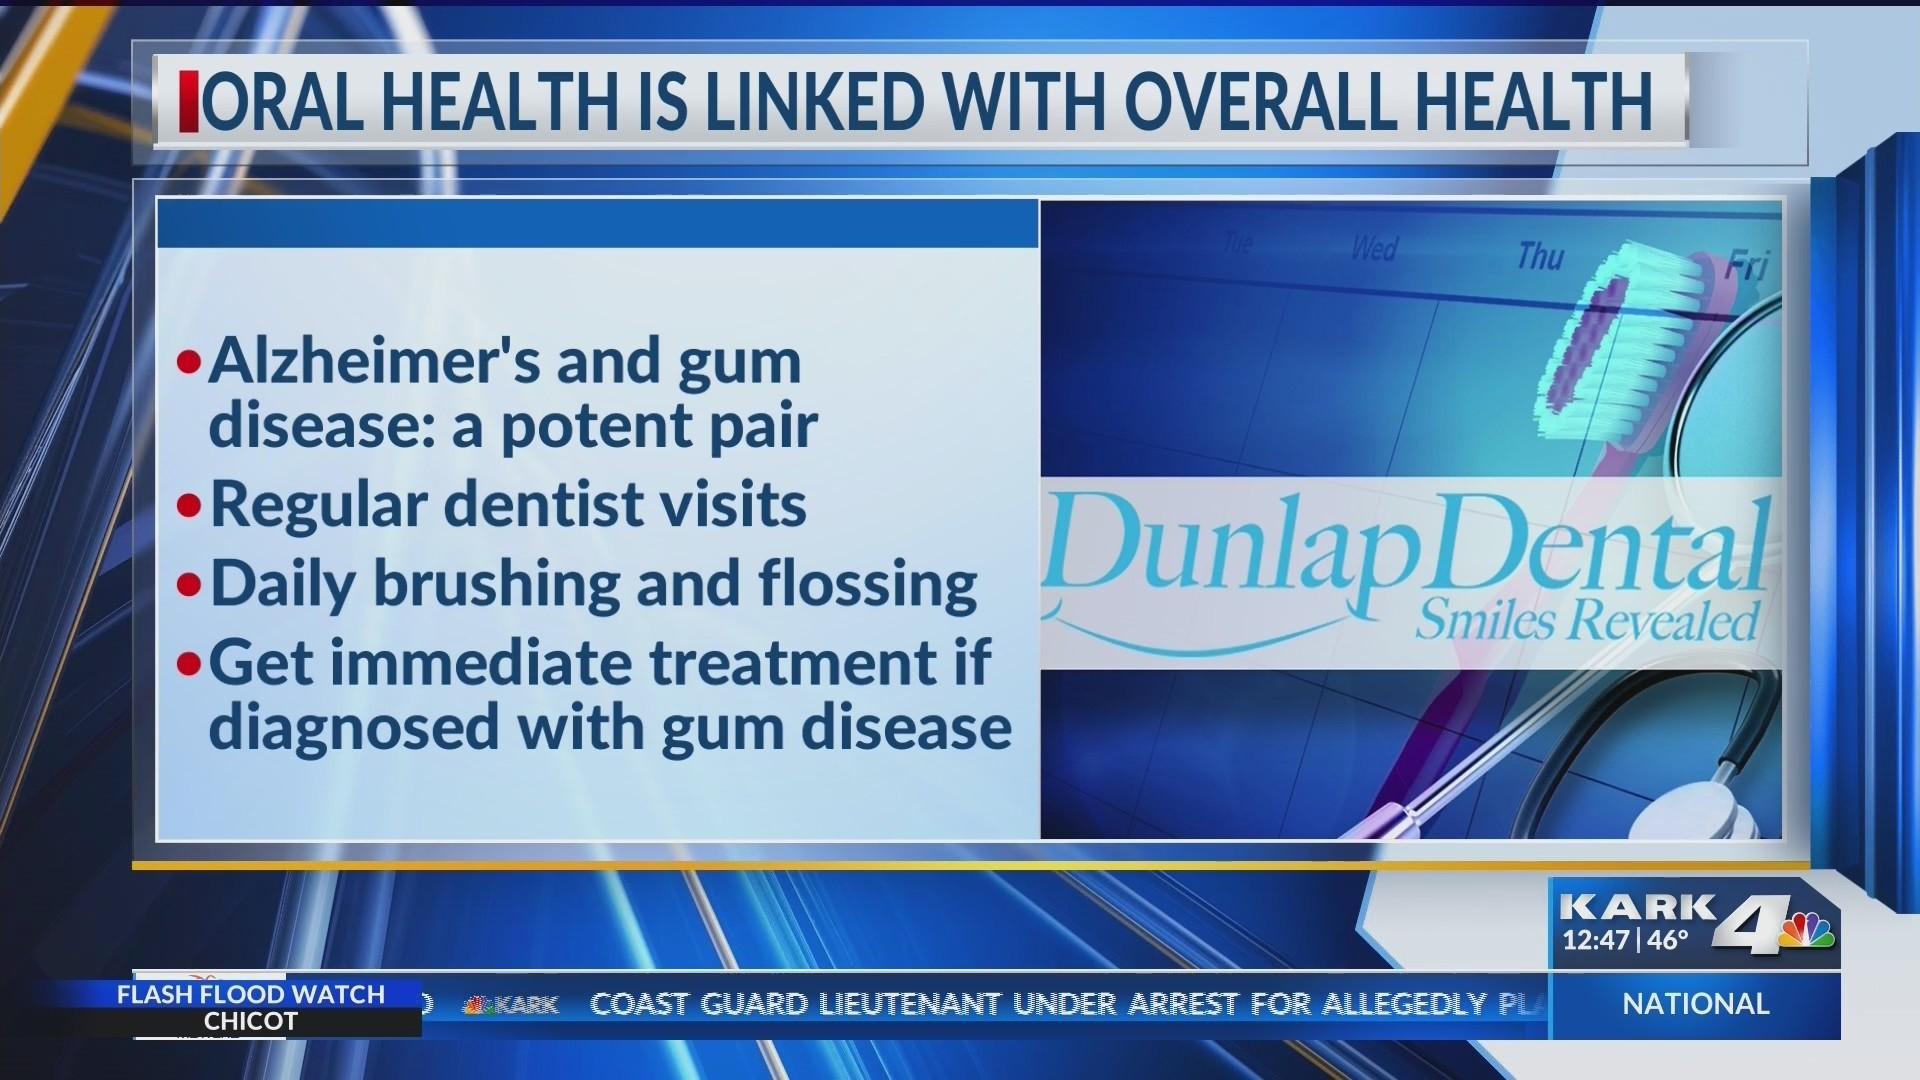 Dunlap_Dental_2_21_19_0_20190221210000